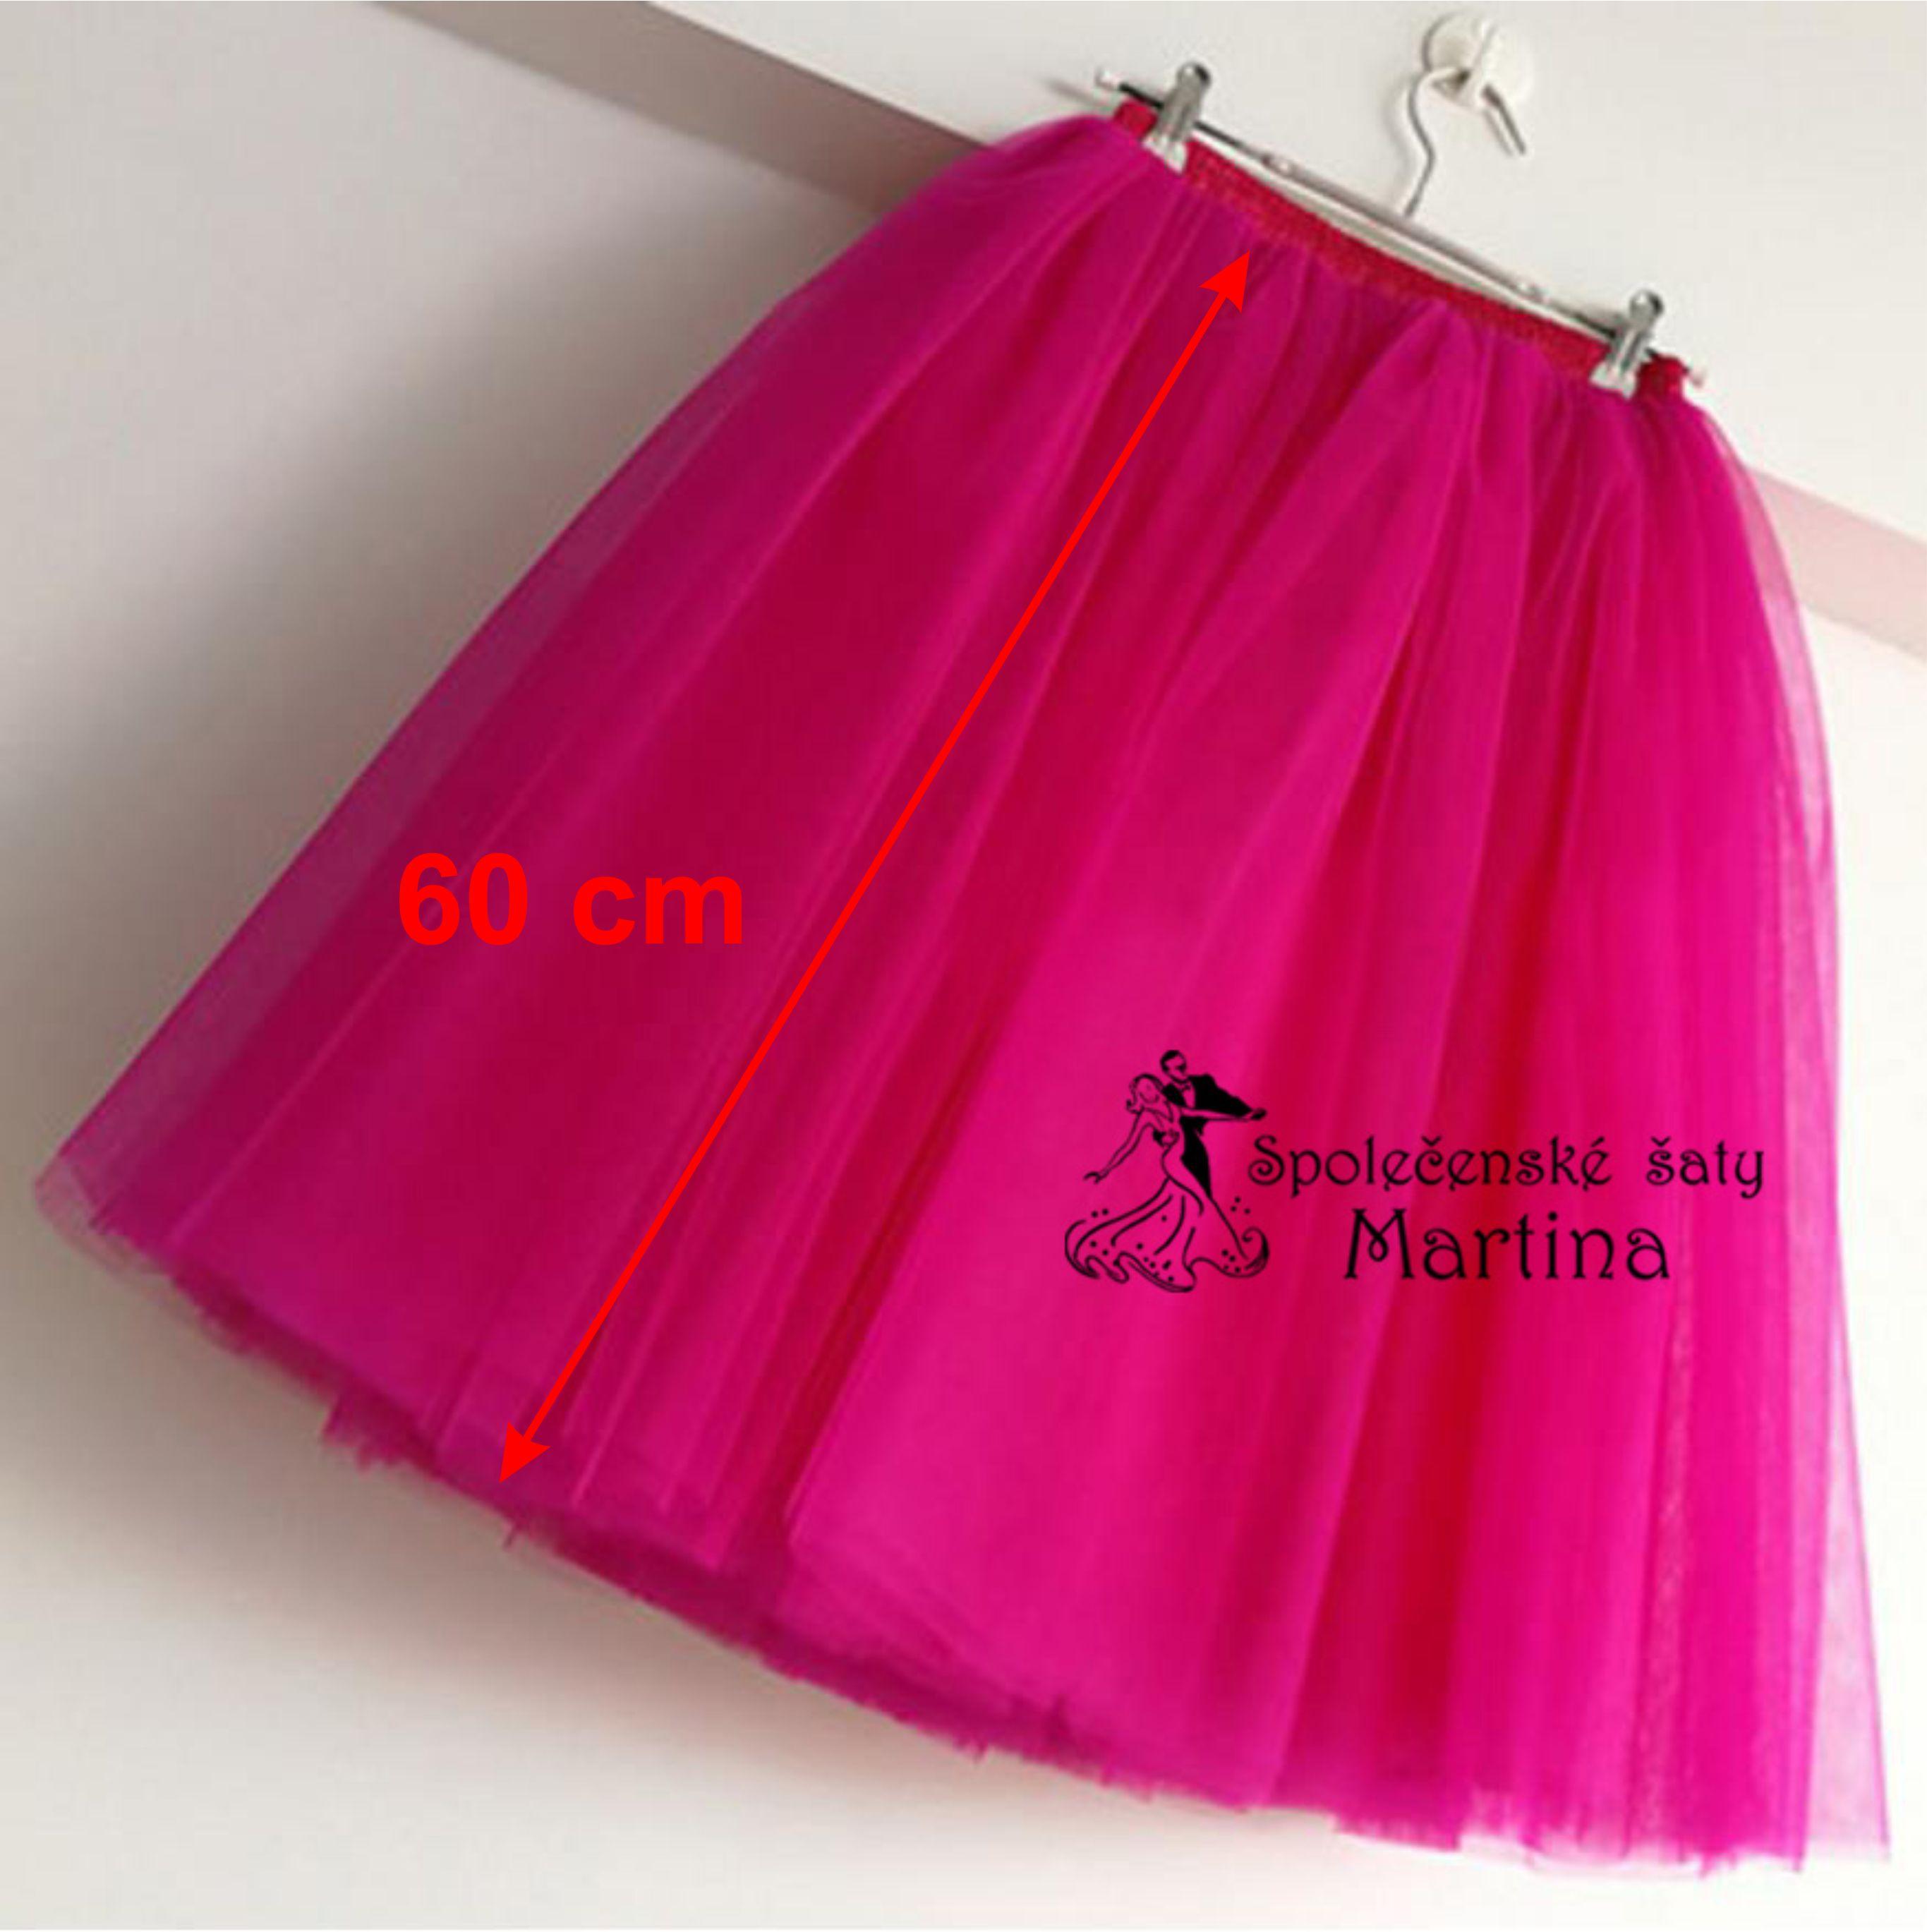 d8b38bee6a2 7-vrstvá tylová sukně - 60 cm